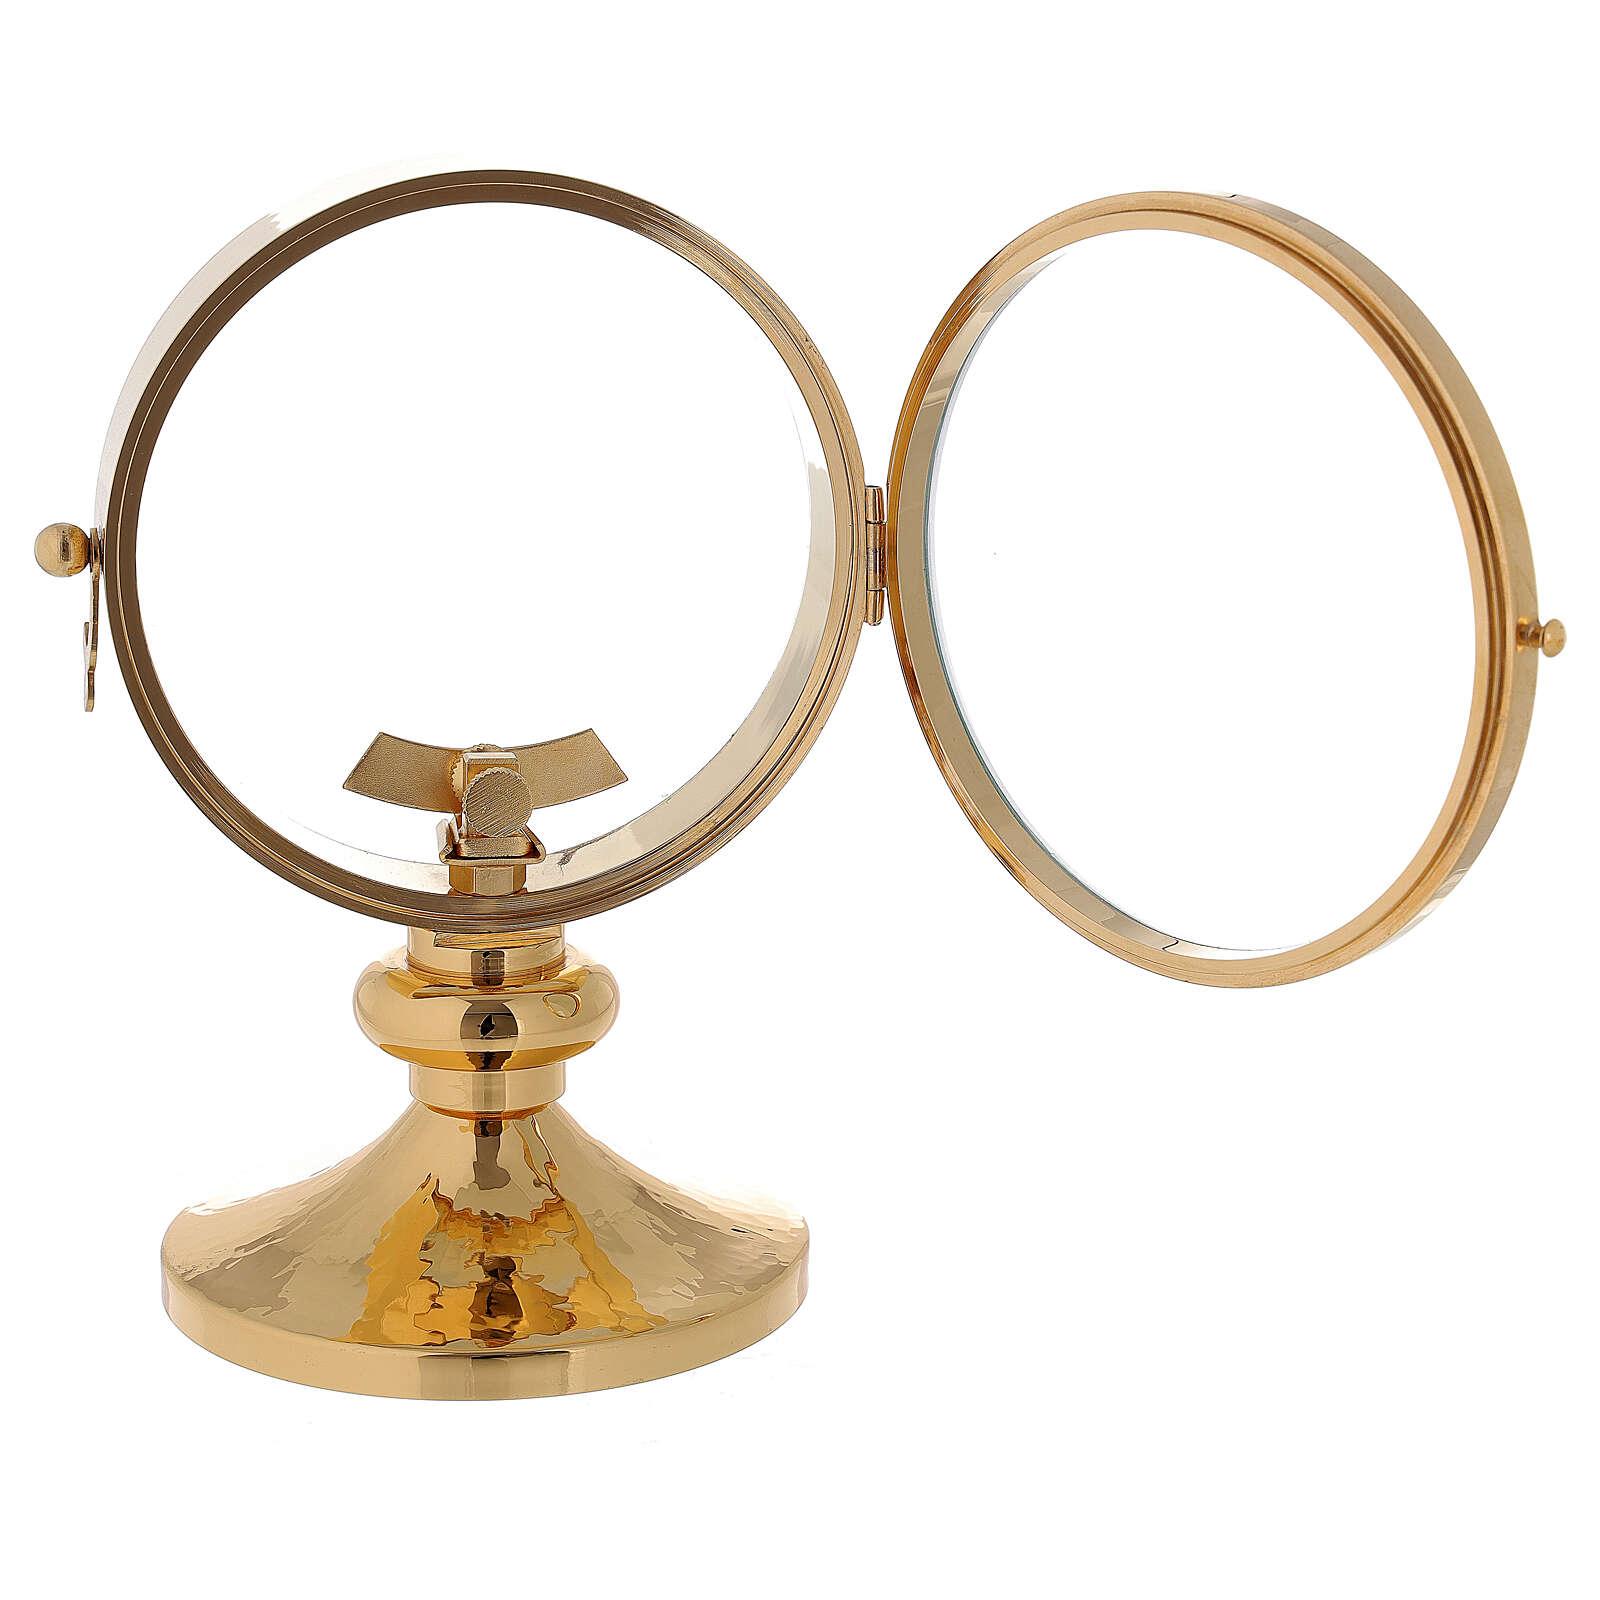 STOCK Ostensorio relicario latón dorado liso diámetro 11 cm 4